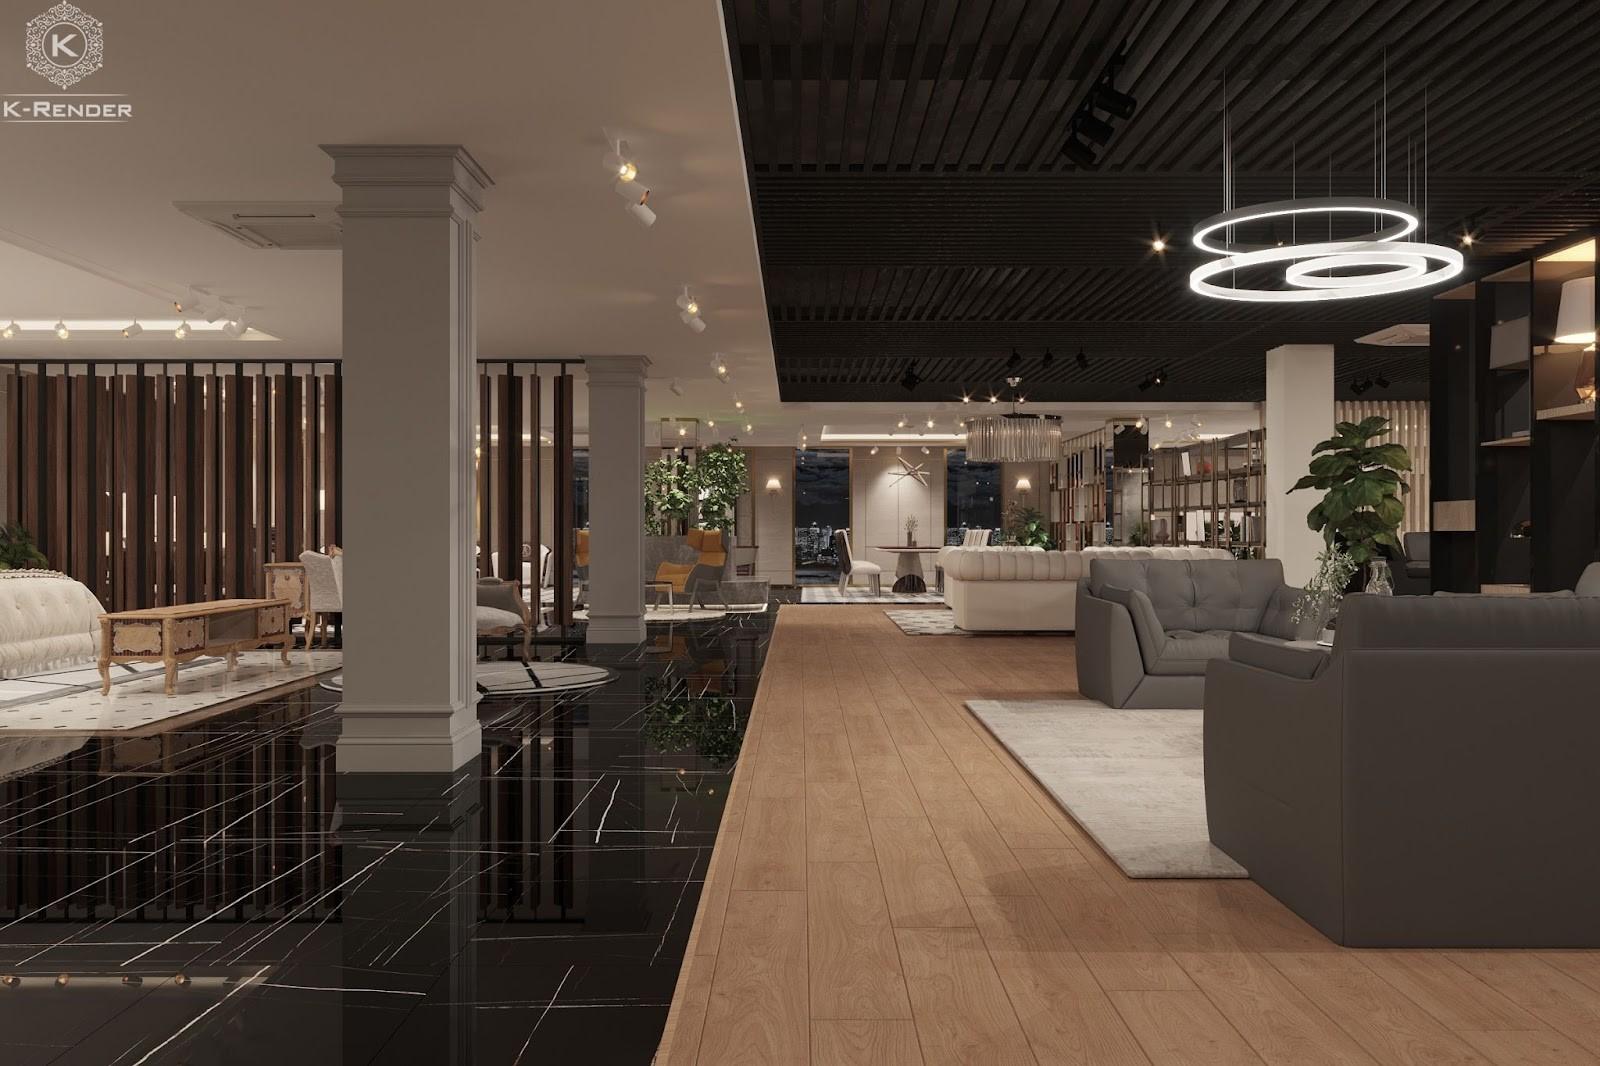 arredamento-showroom-by-k-render-studio-9